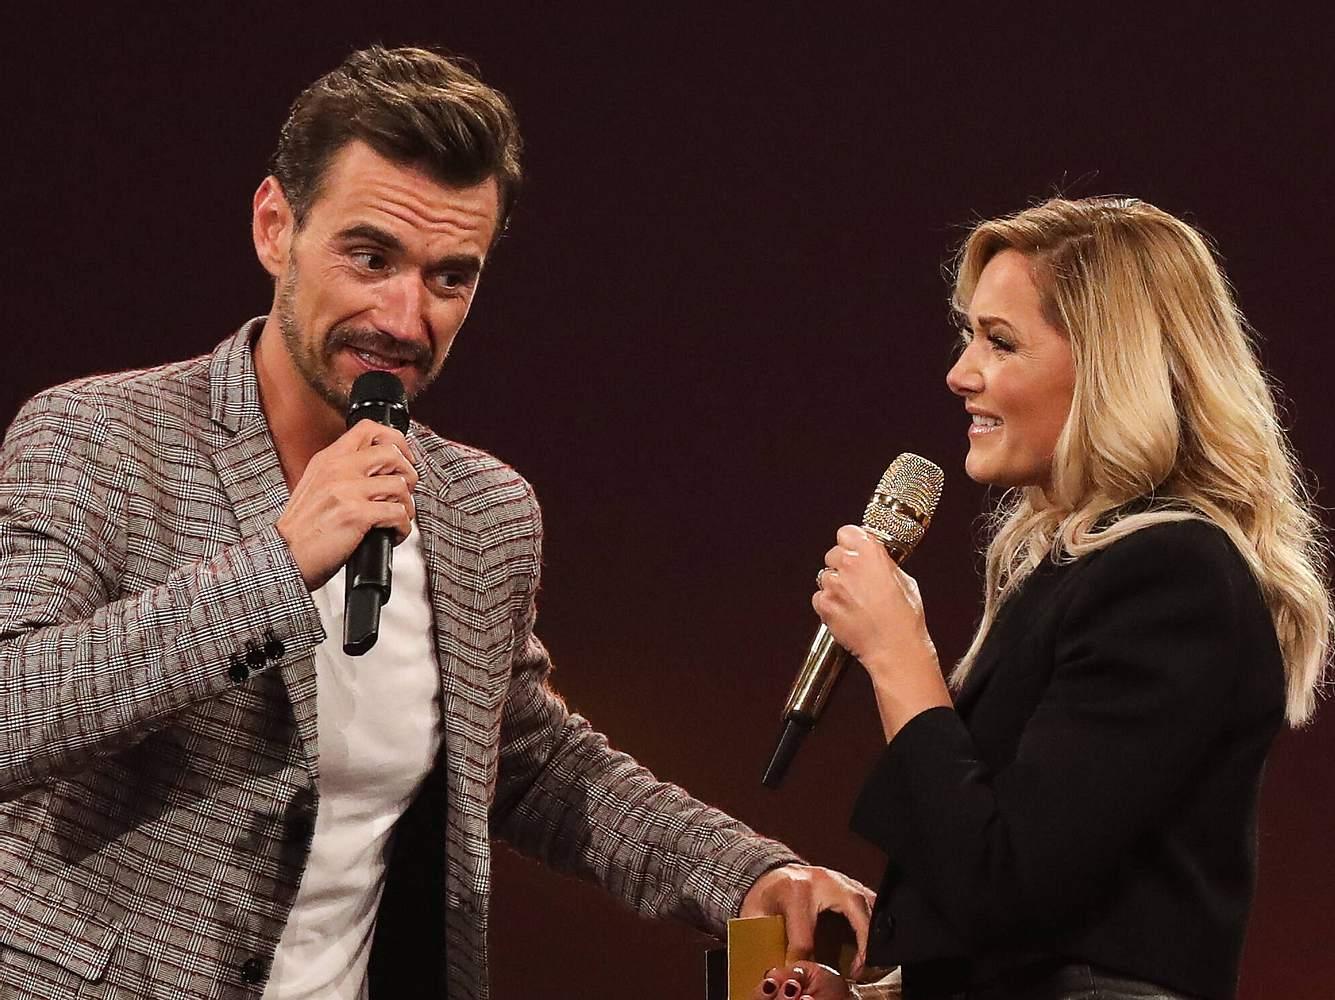 Florian Silbereisen und Helene Fischer bei einer Schlagershow im Jahre 2019.